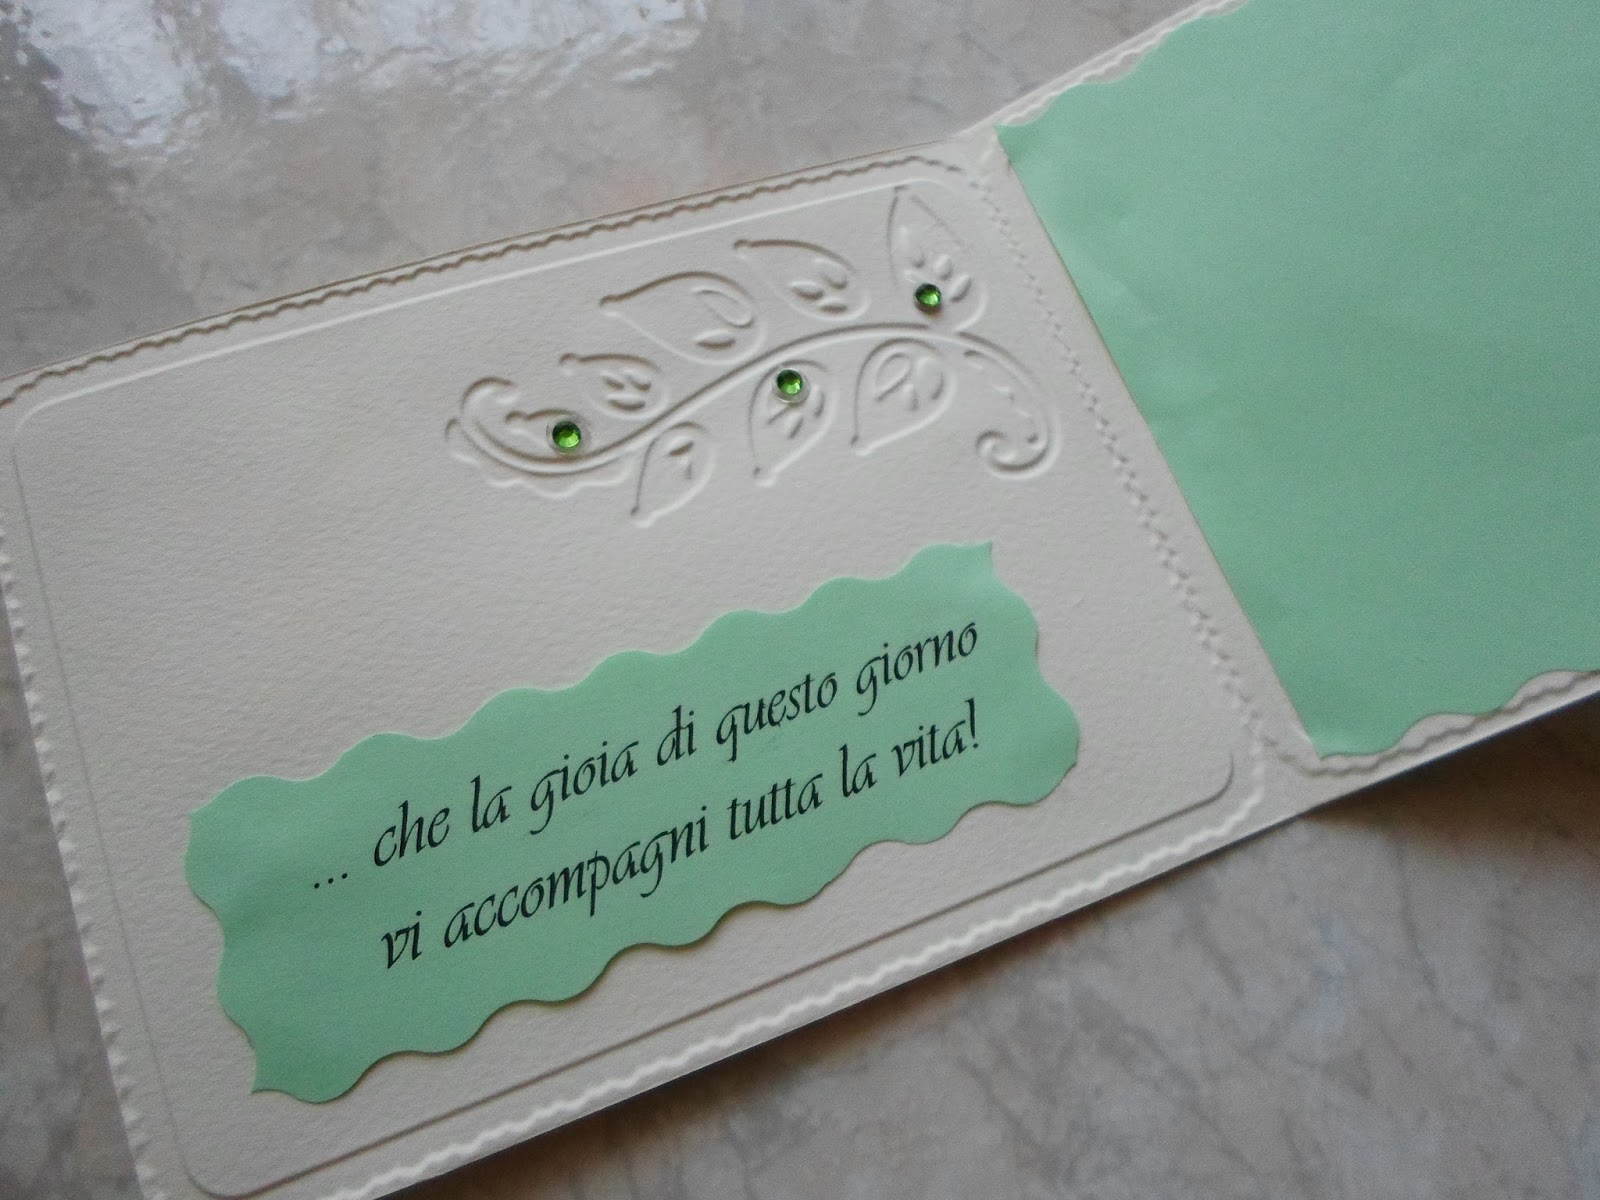 Eccezionale ♥preziose raffinatezze♥: Biglietto auguri matrimonio fai da te TK58